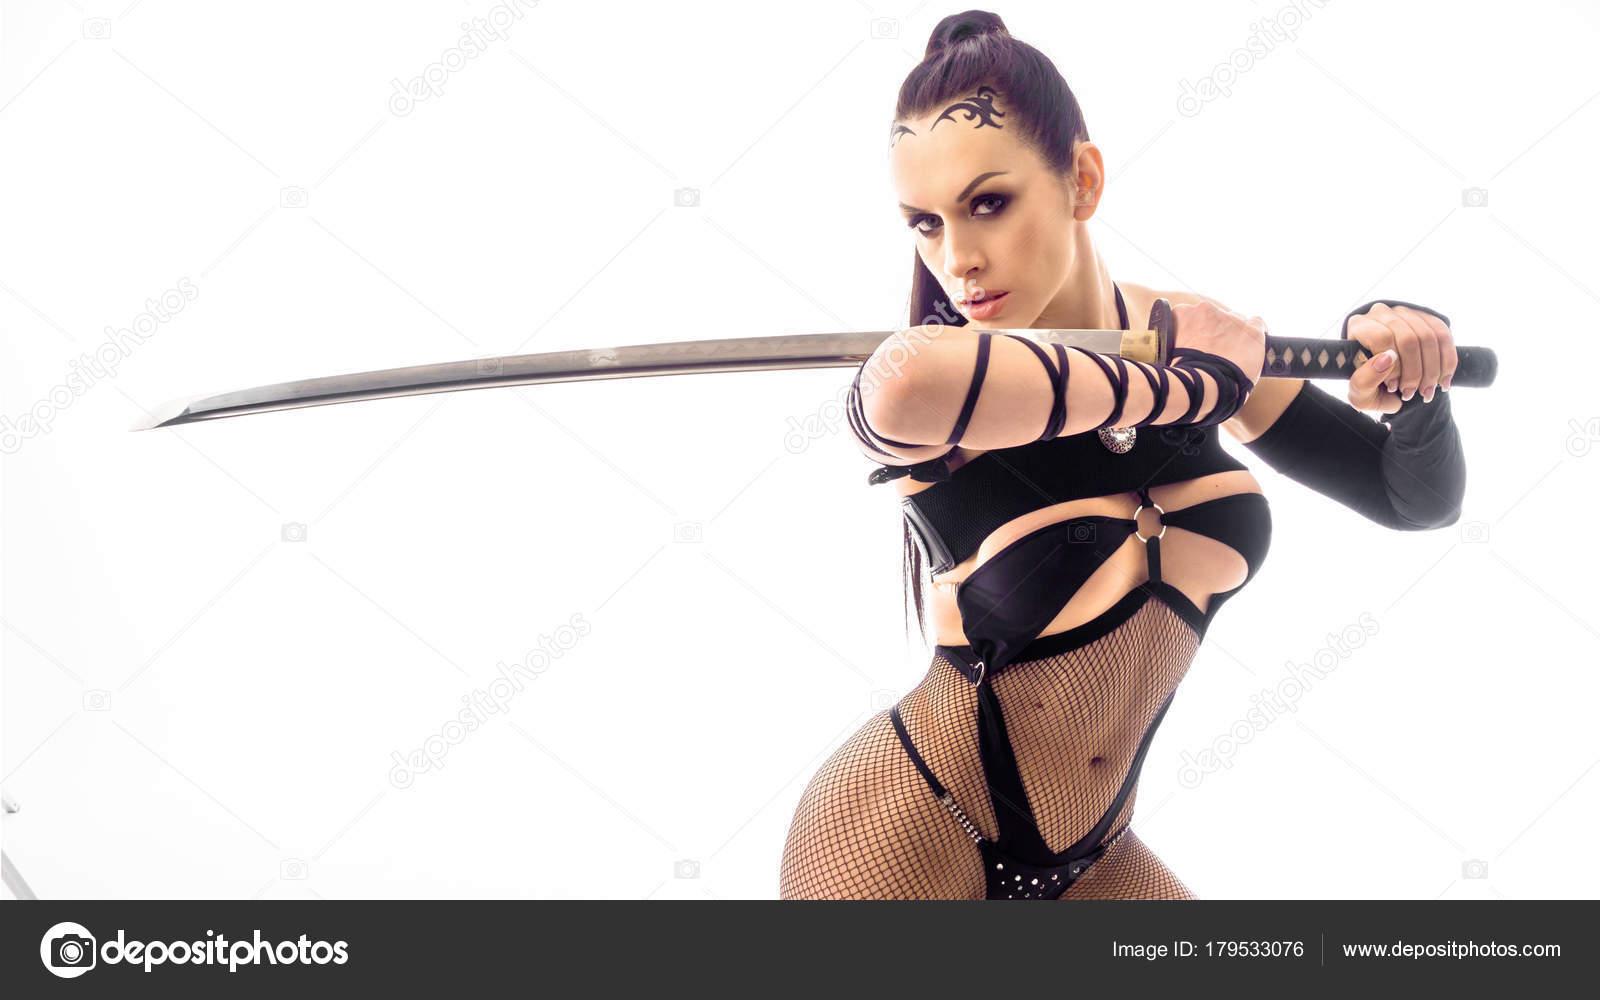 katana sex